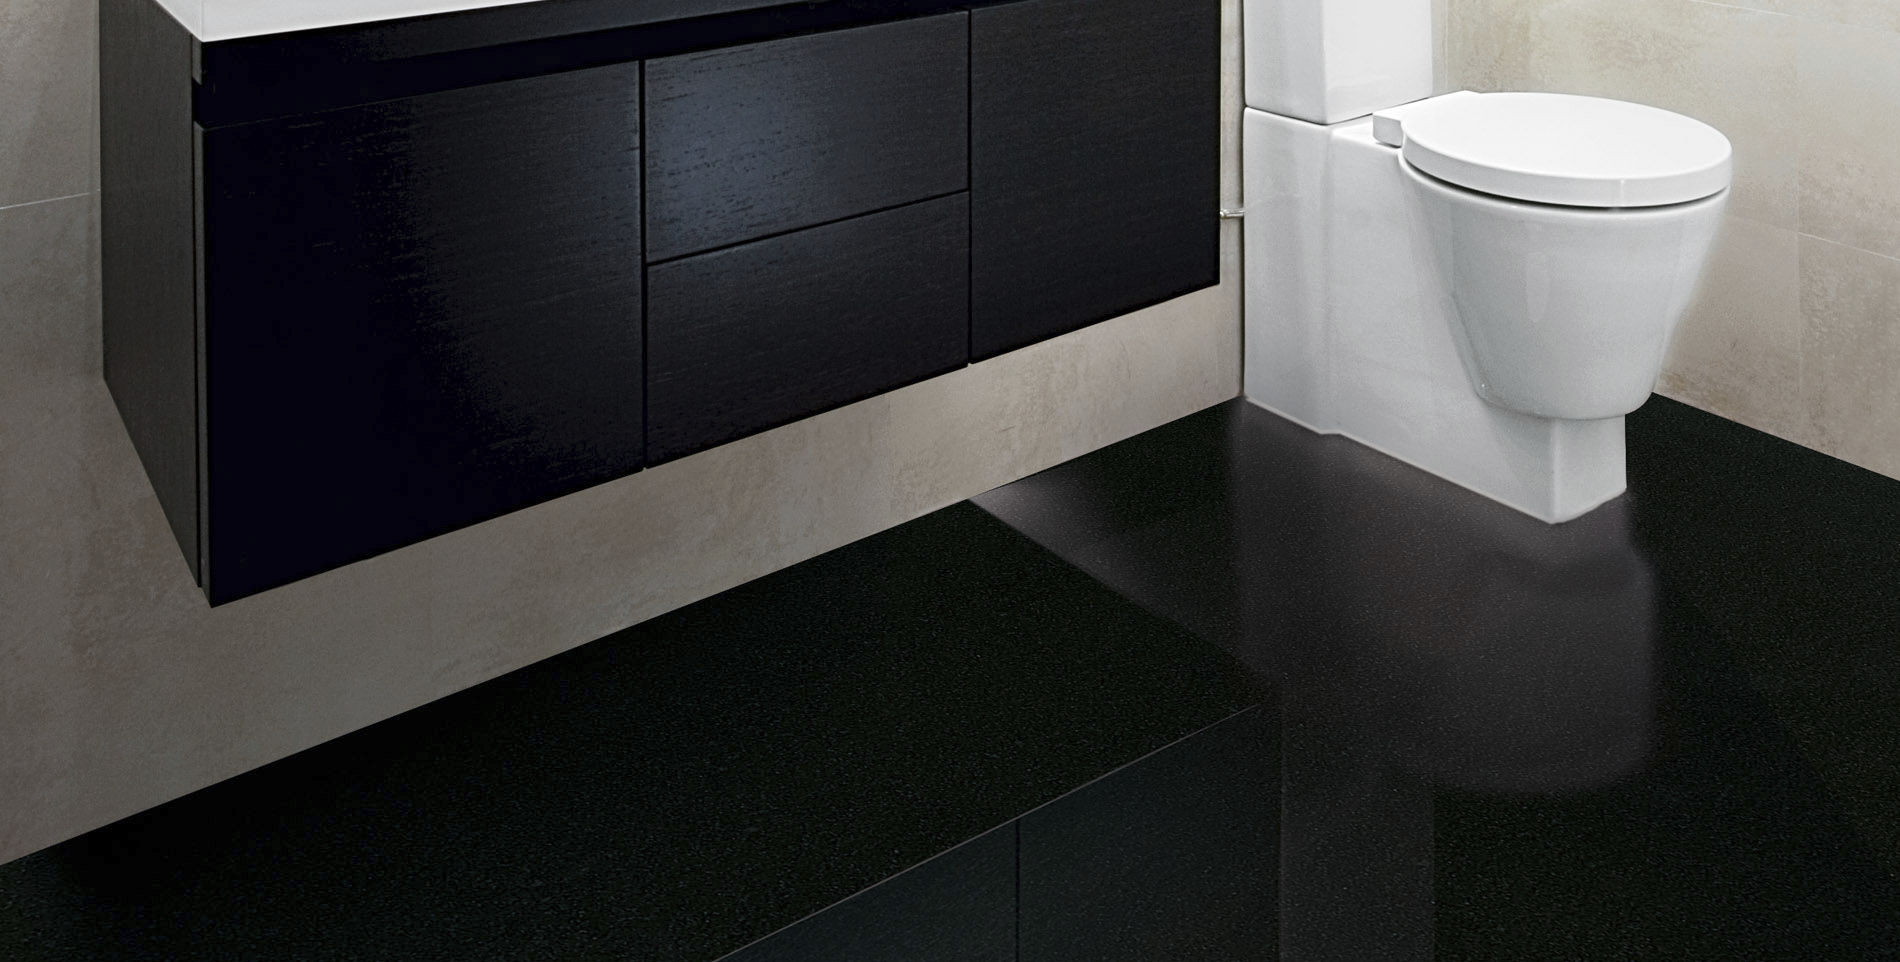 Granit Du Zimbabwe carrelage d'intérieur / de sol / en granit / uni - black